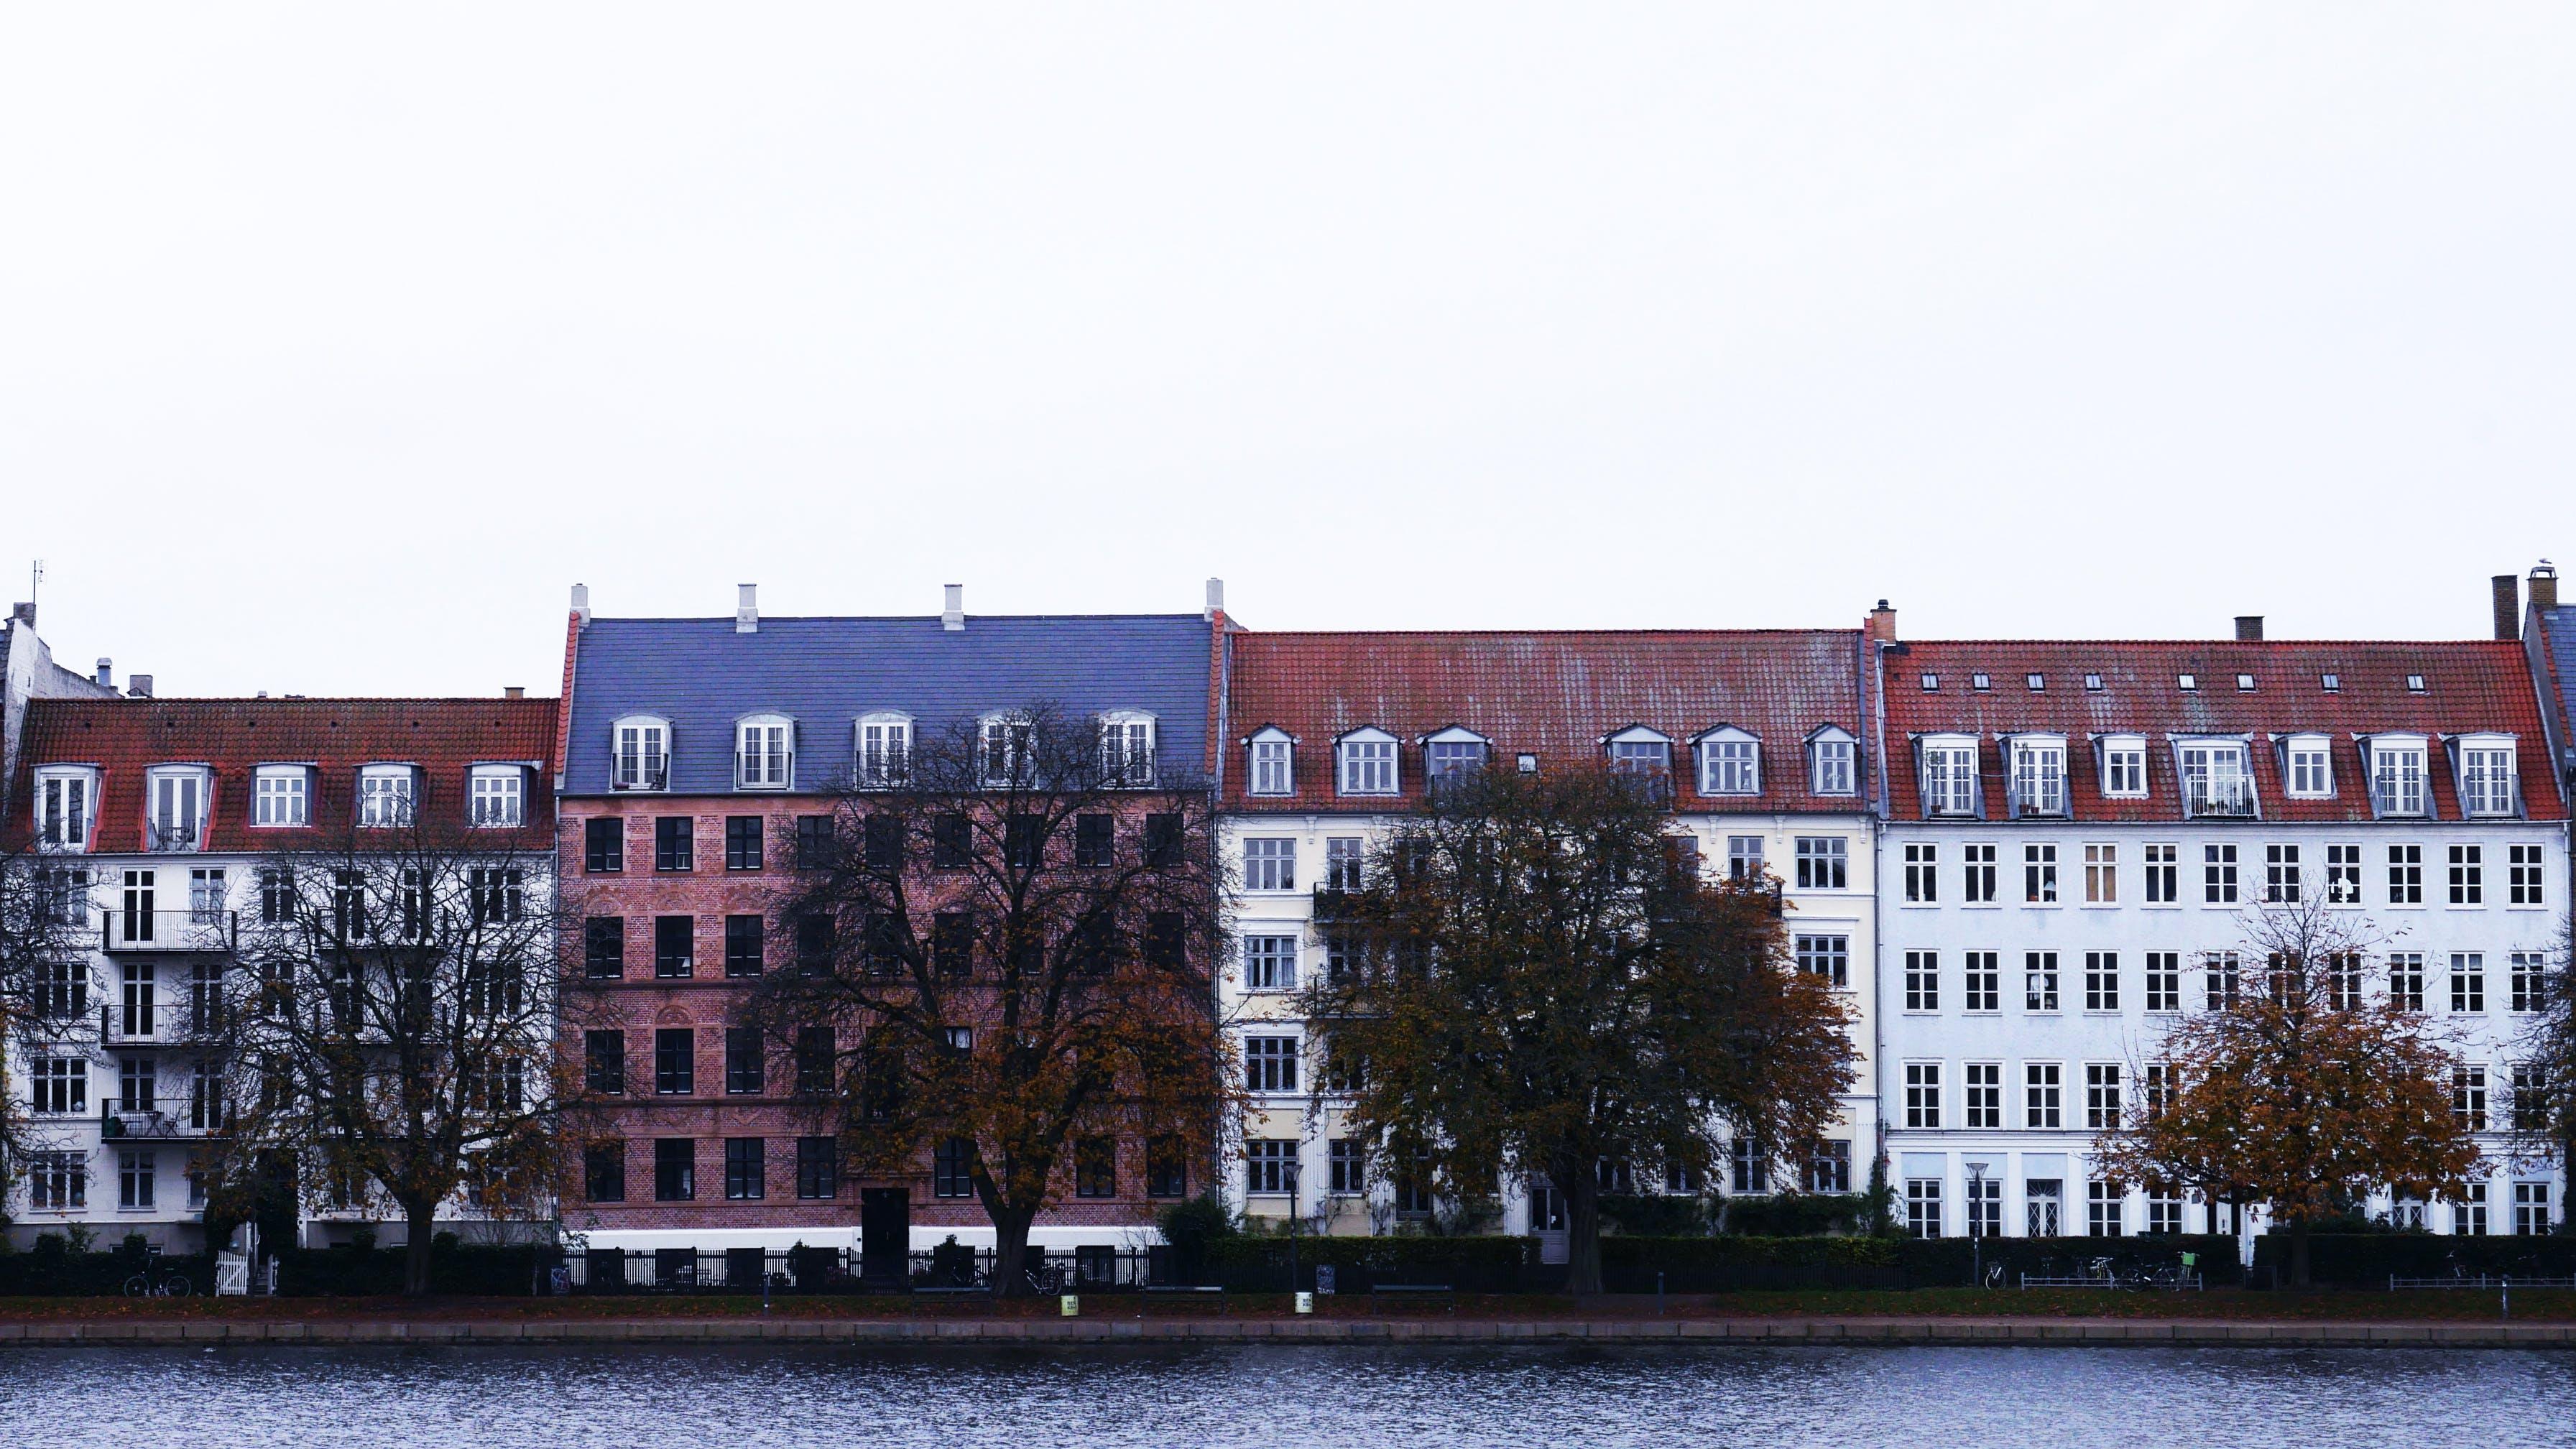 Δωρεάν στοκ φωτογραφιών με Κοπεγχάγη, κτήρια, τούβλα